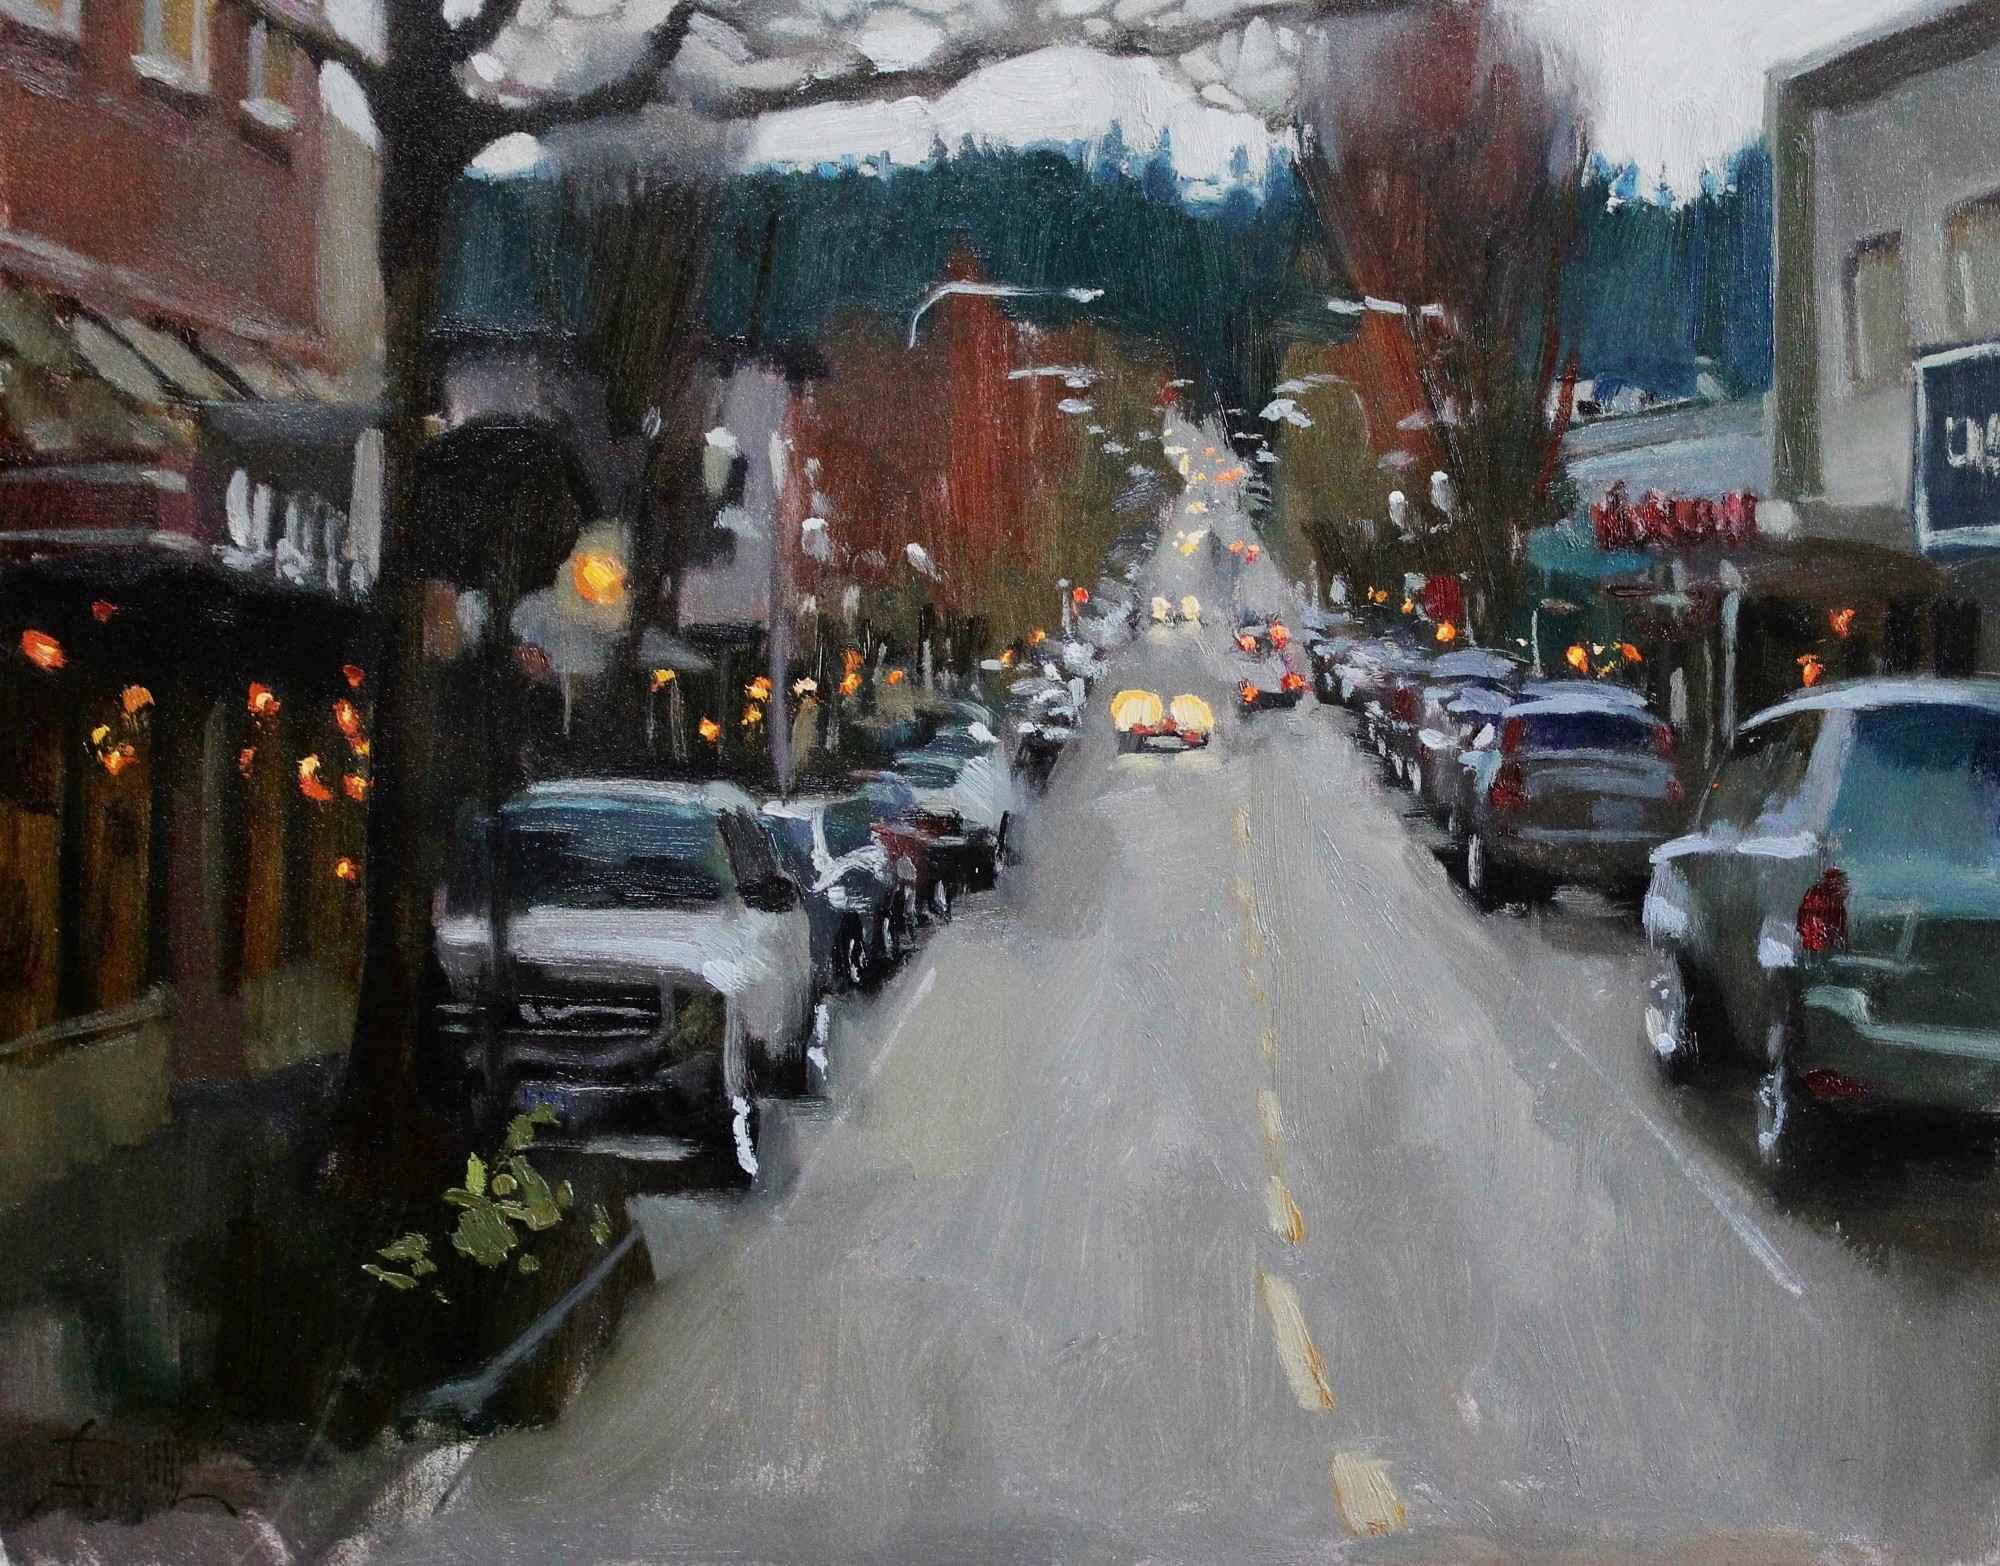 5th Avenue by  Jennifer Diehl - Masterpiece Online